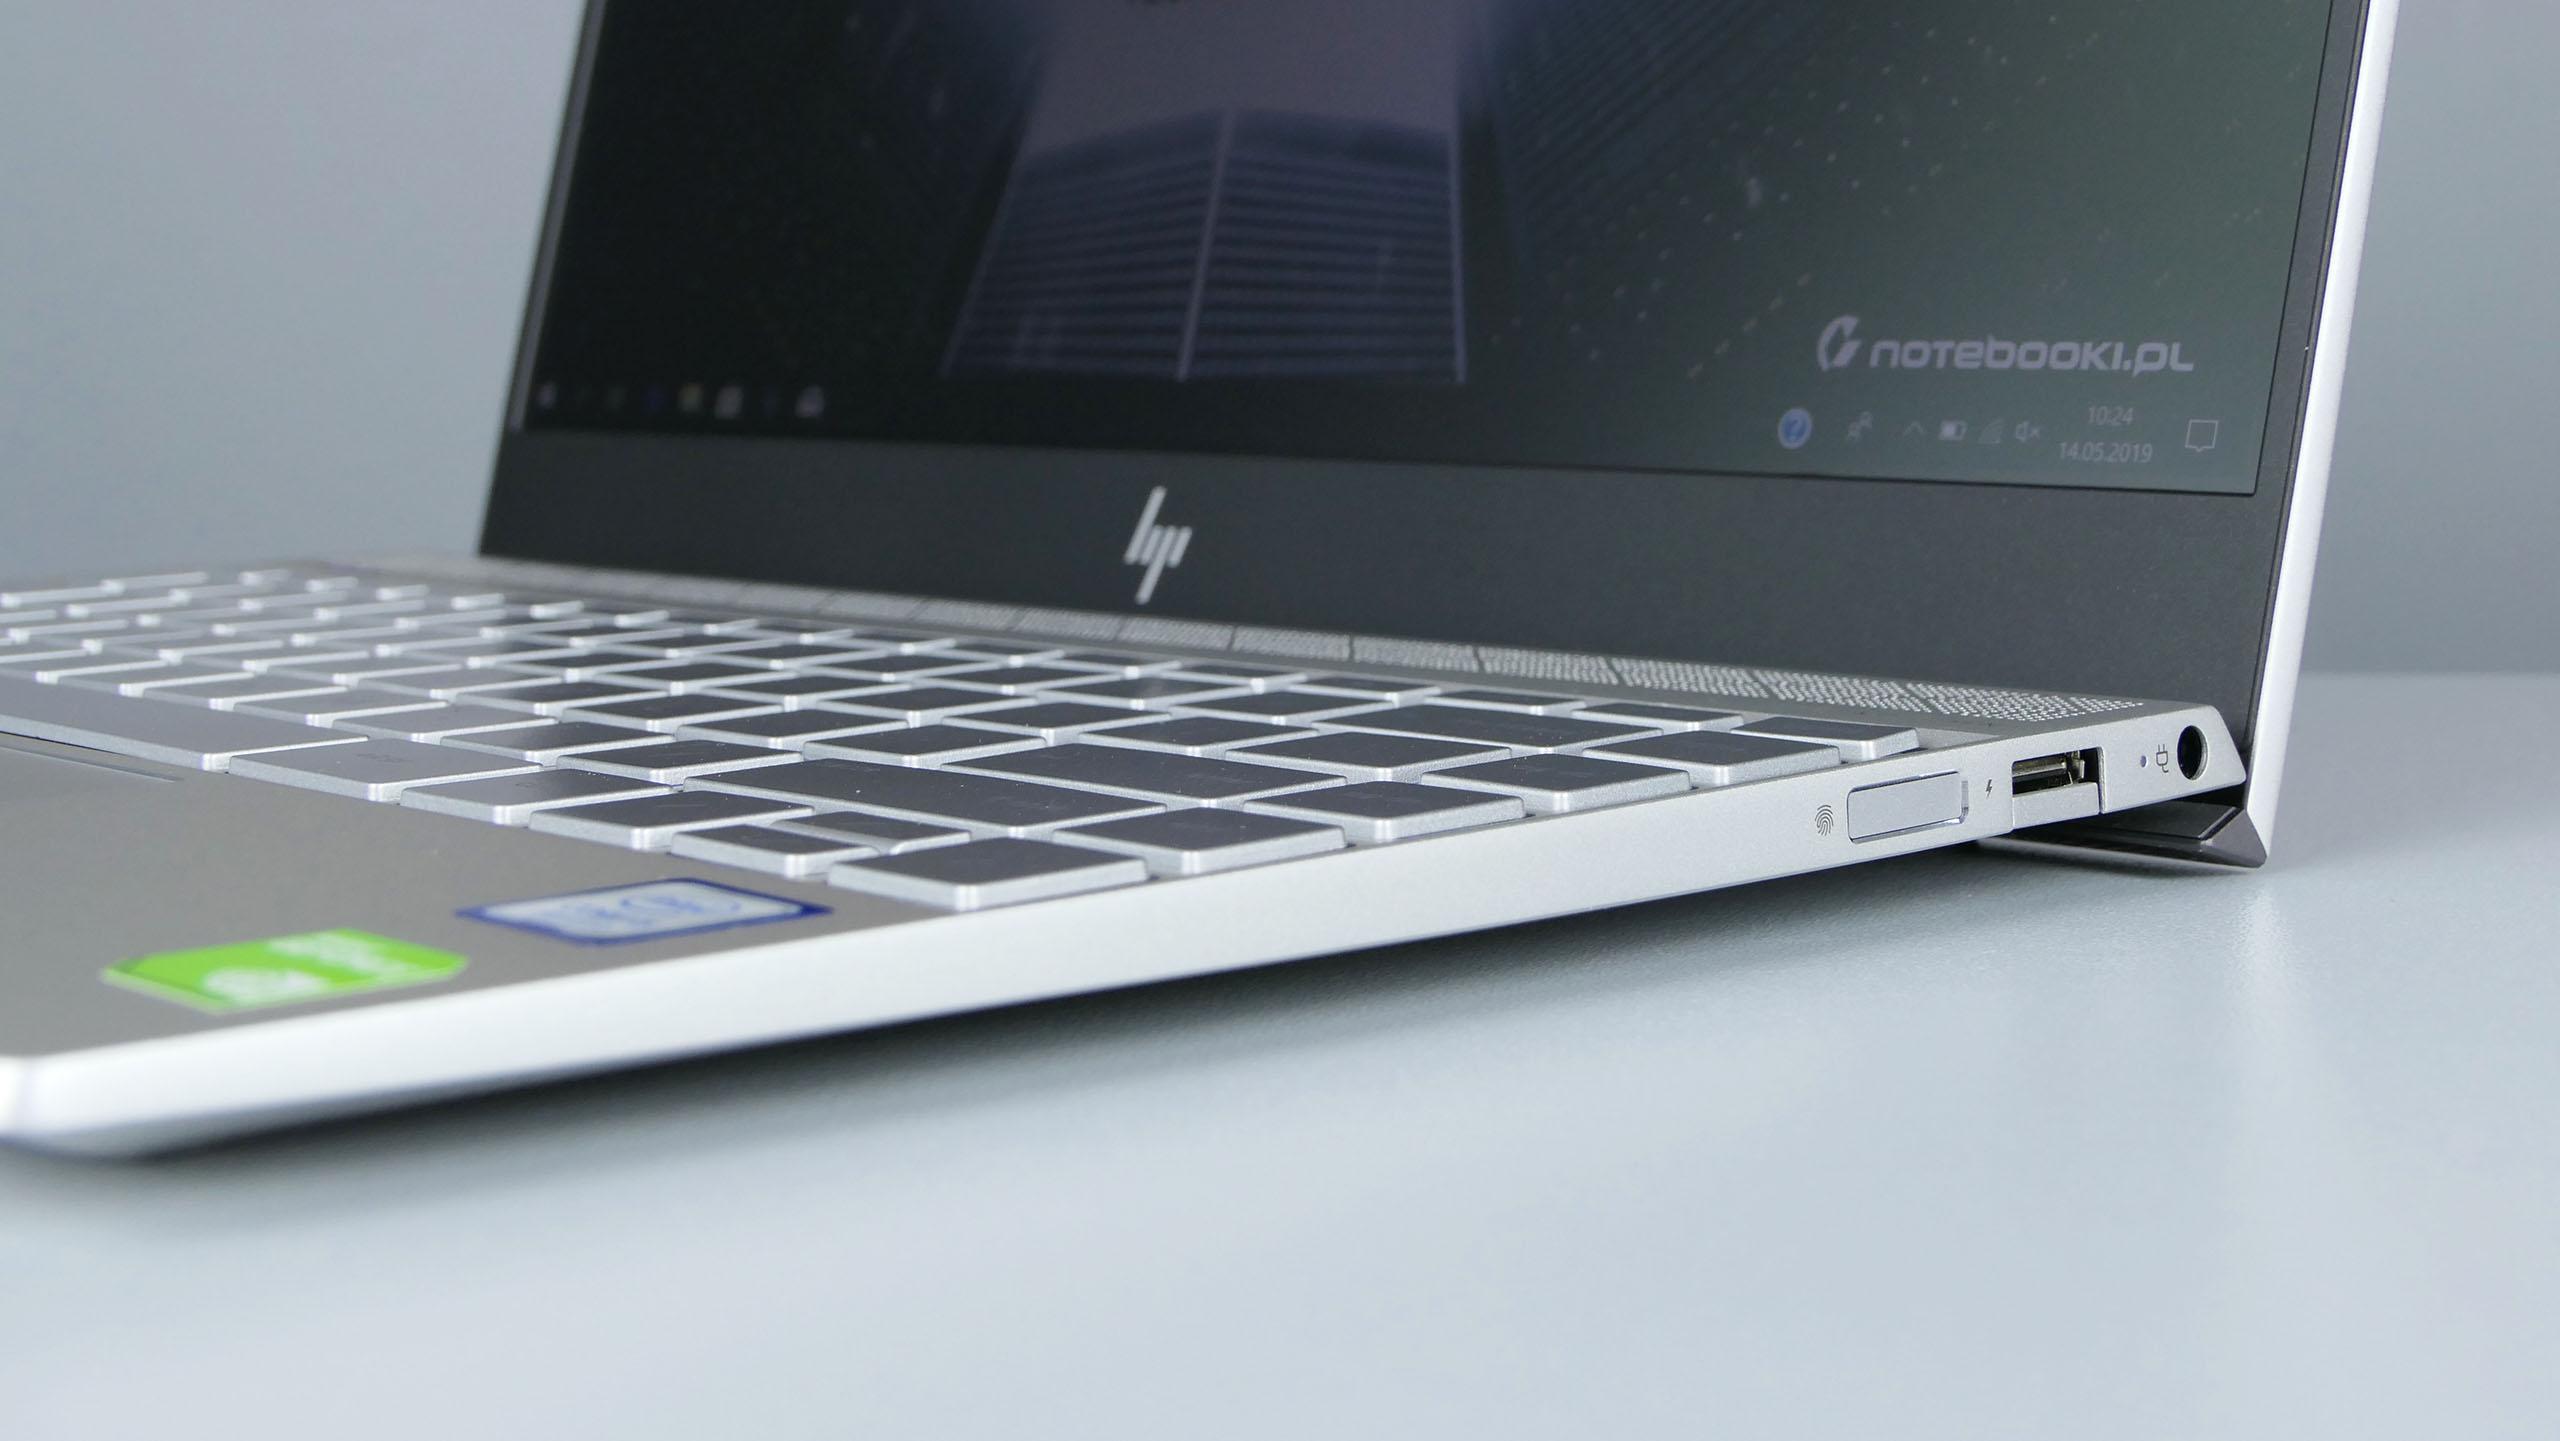 HP Envy 13 - prawy bok: czytnik linii papilarnych, USB 3.0, zasilanie